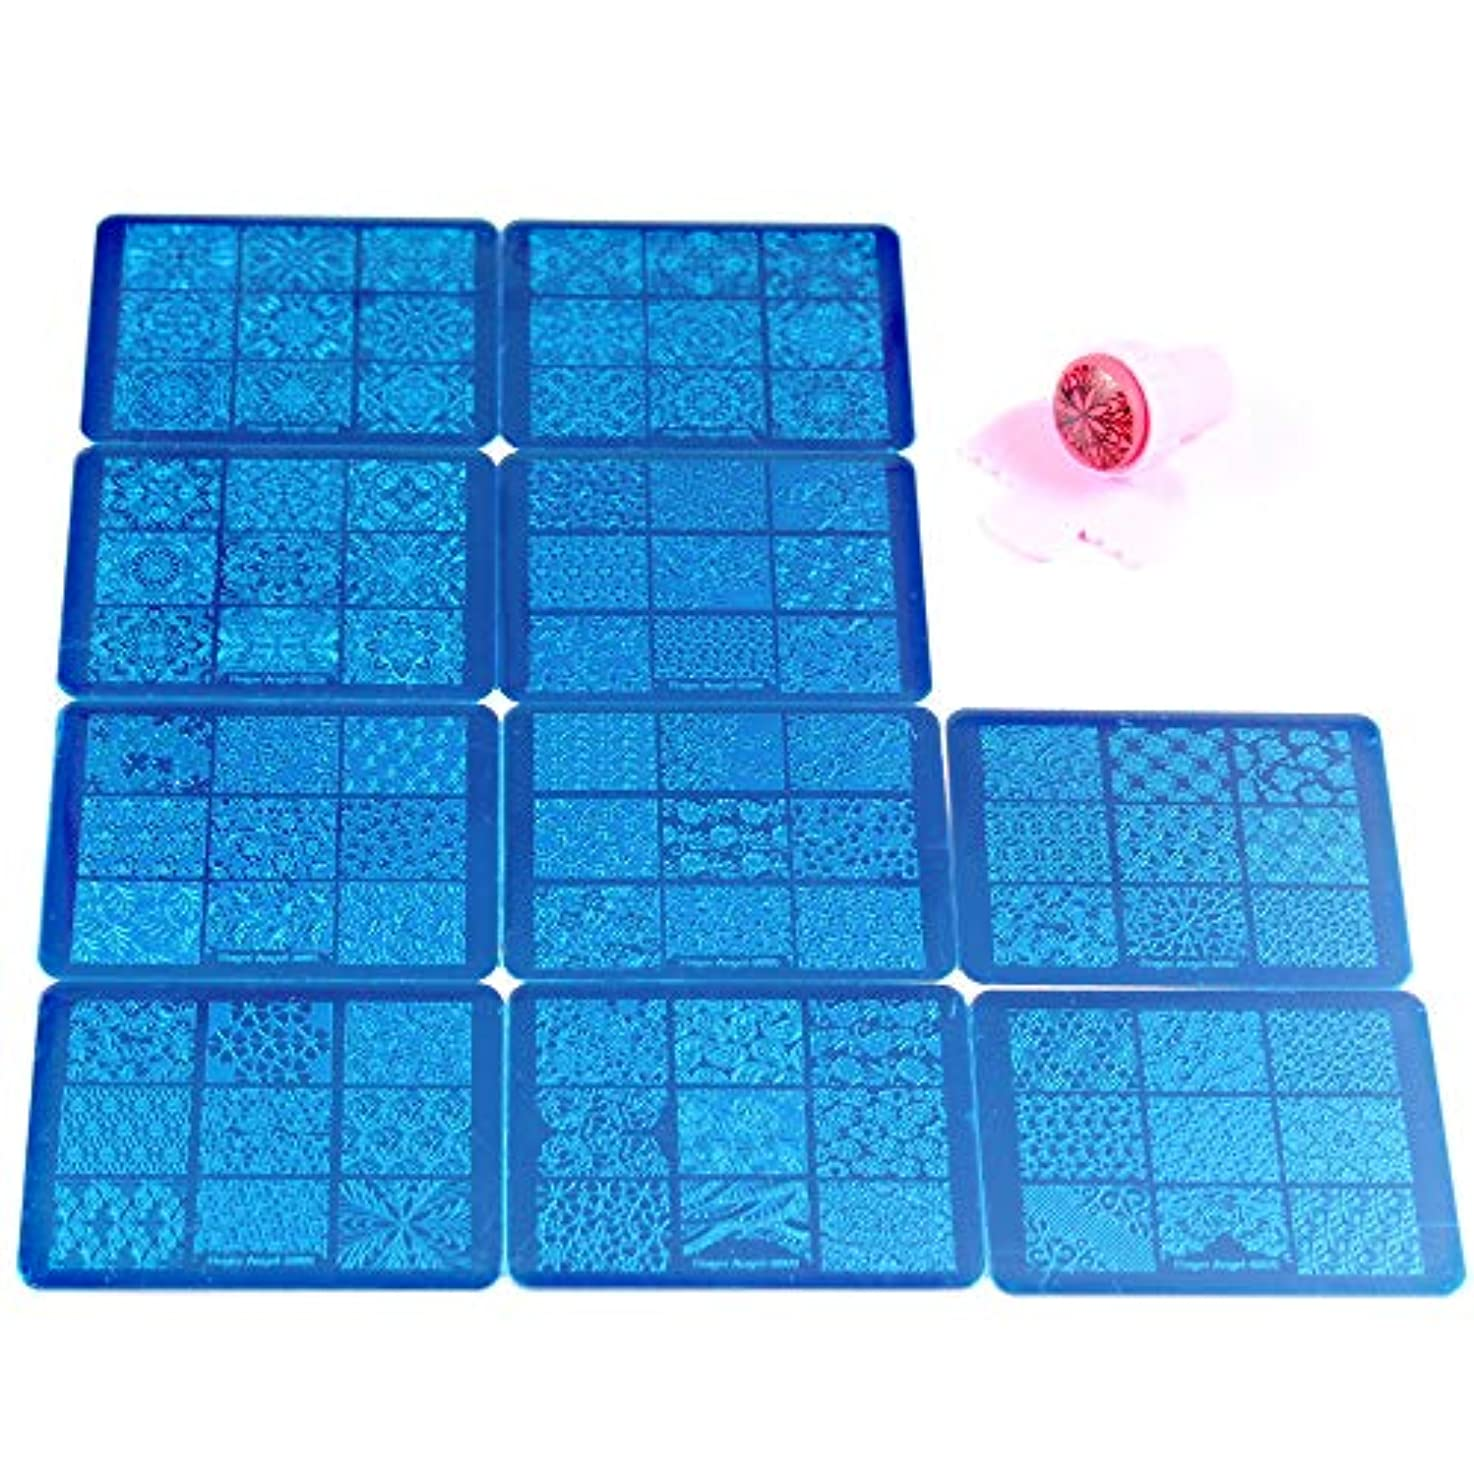 提唱するズボンリフトFingerAngel 10枚 ネイルイメージプレートセット ネイルプレート 長方形 花 フルカバー ネイルスタンププレート スタンプ スクレーパー